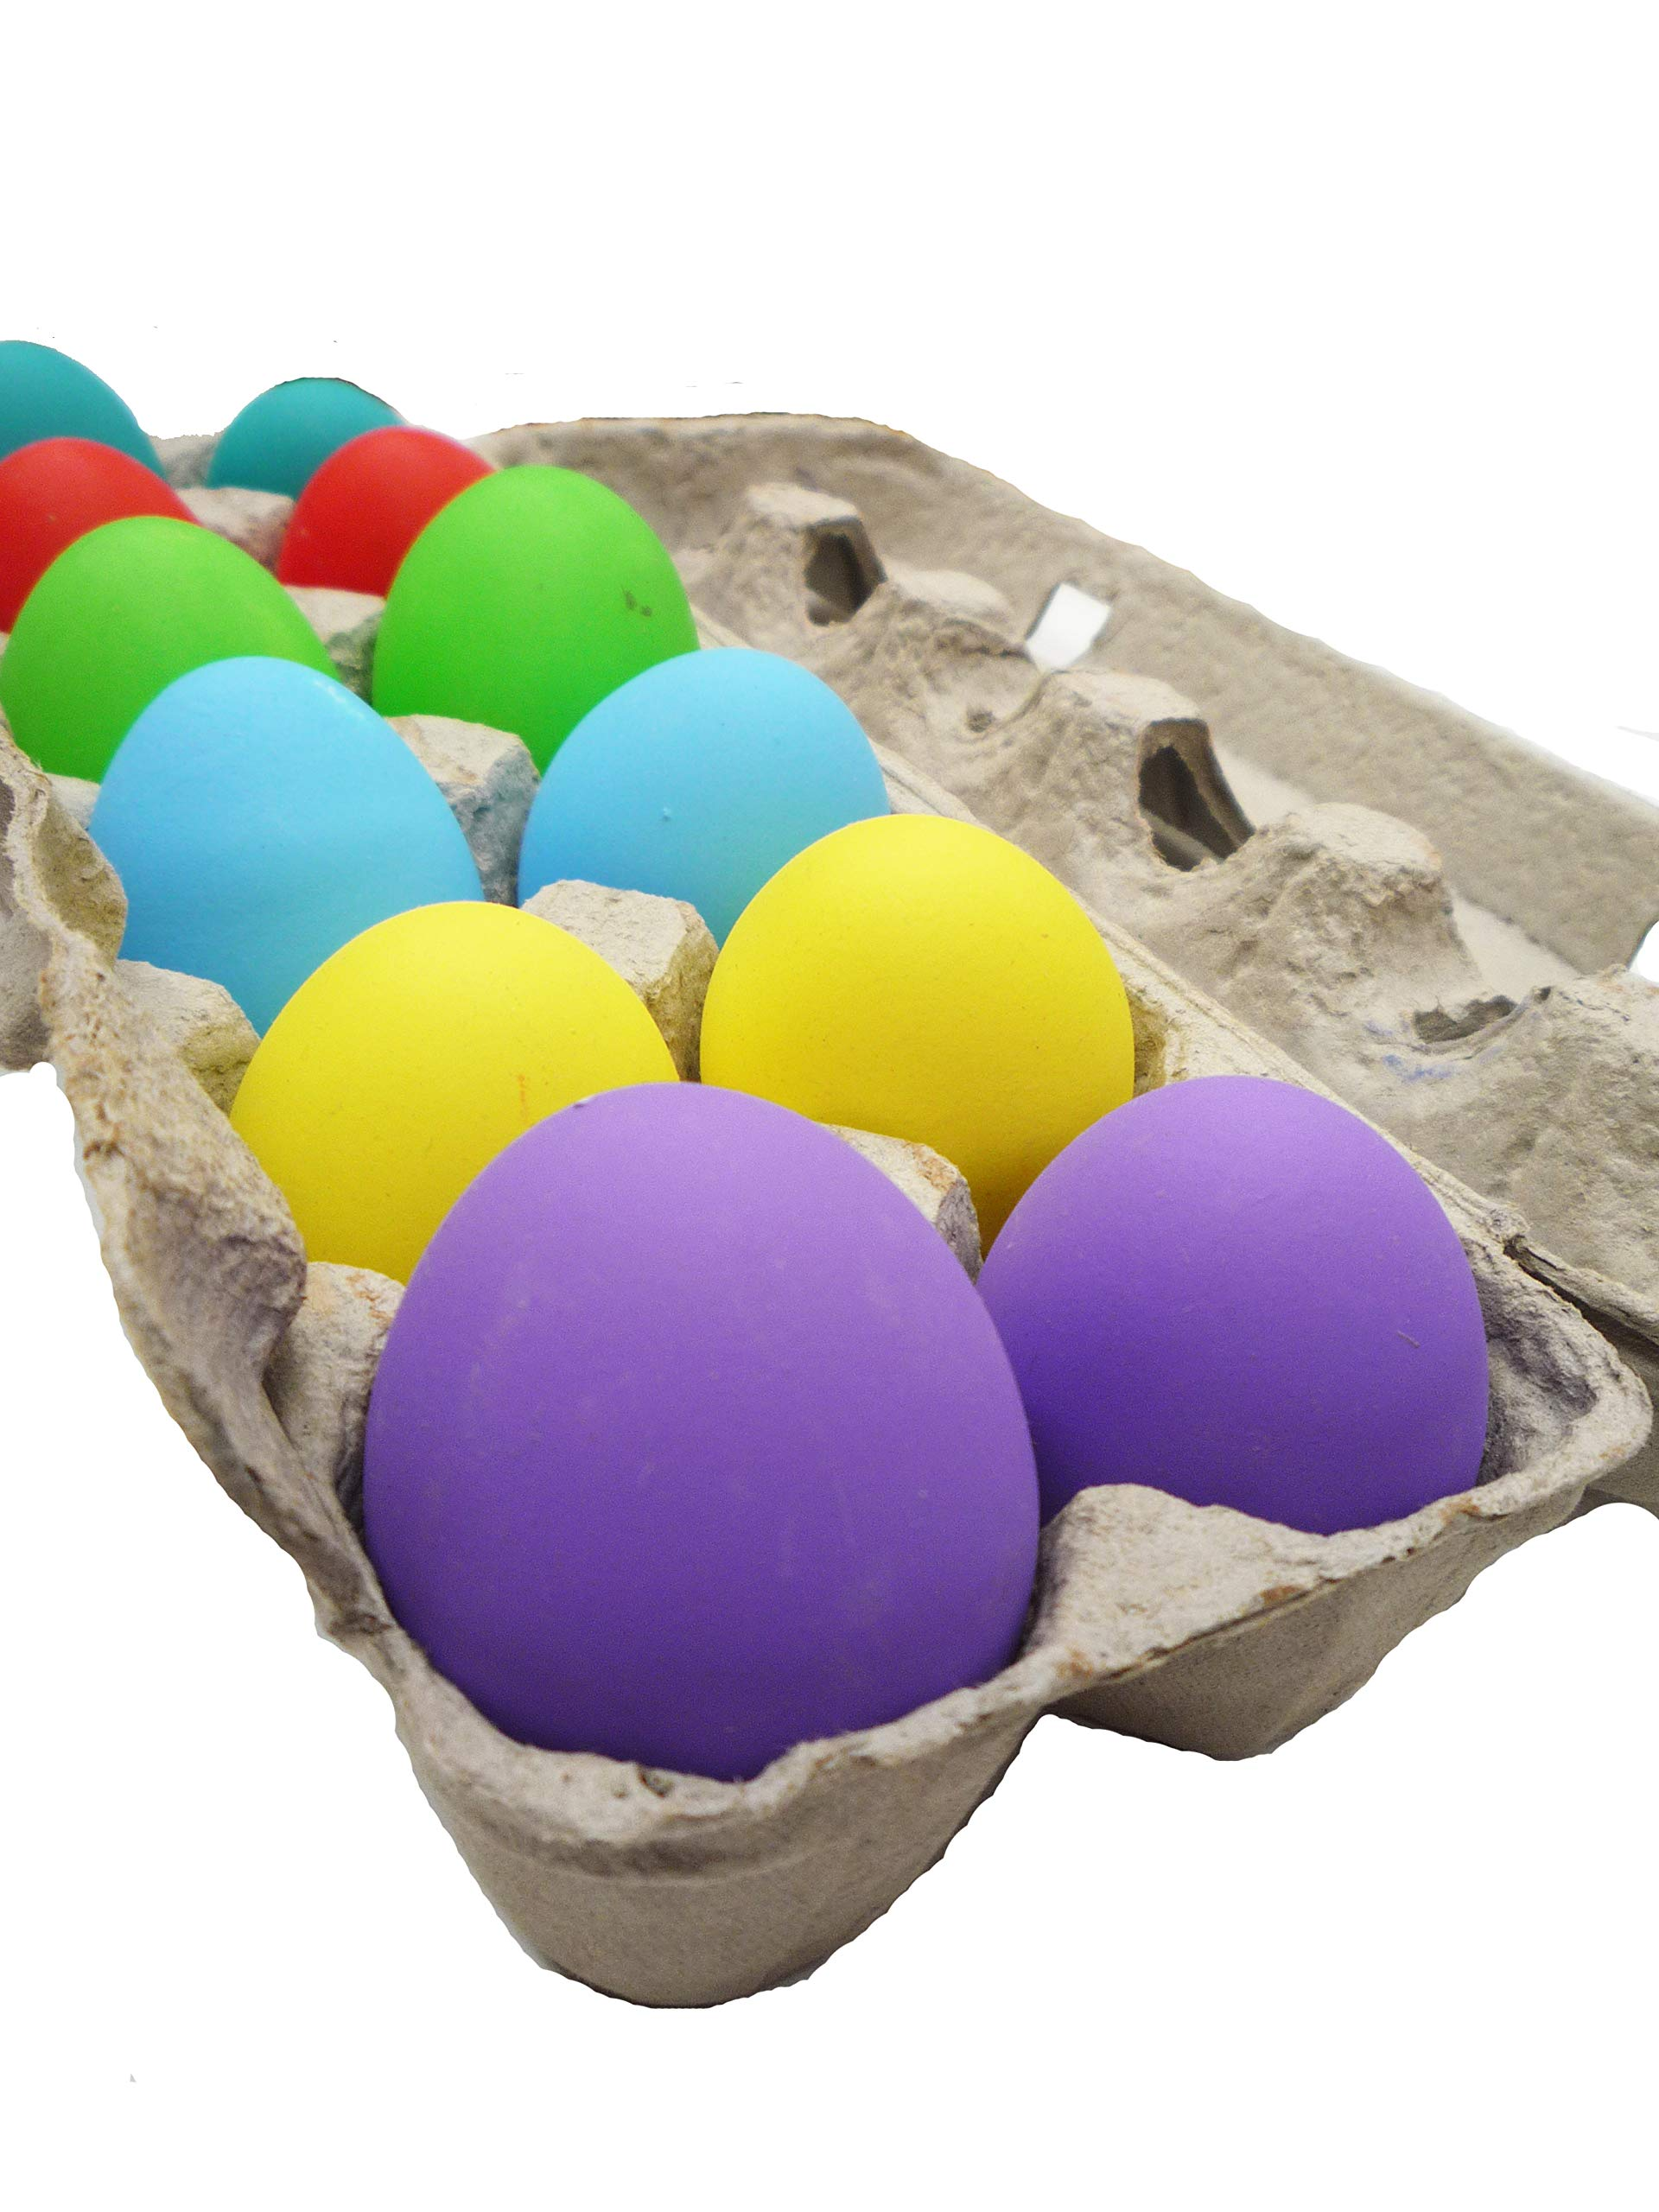 Confetti Eggs Cascarones, Multicolored, 240 Count, Party Game for Easter, San Antonio Fiesta Week, Cinco de Mayo or Birthday Party by Pinatas (Image #2)